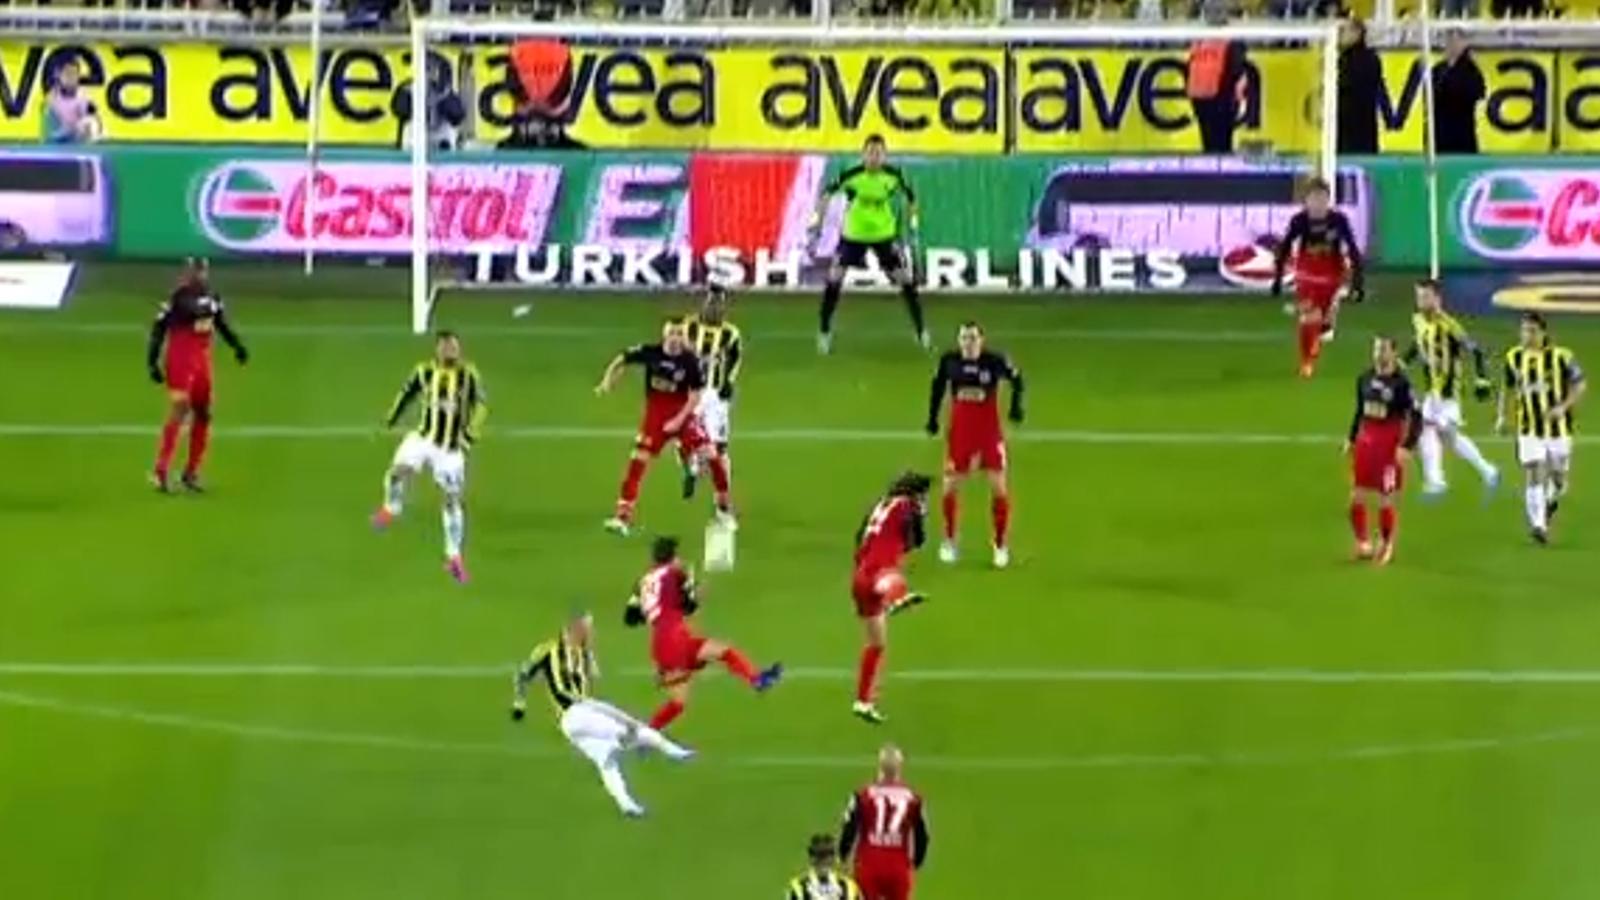 El gol de Miroslav Stoch amb el Fenerbahçe, premi Puskas al millor gol del 2012